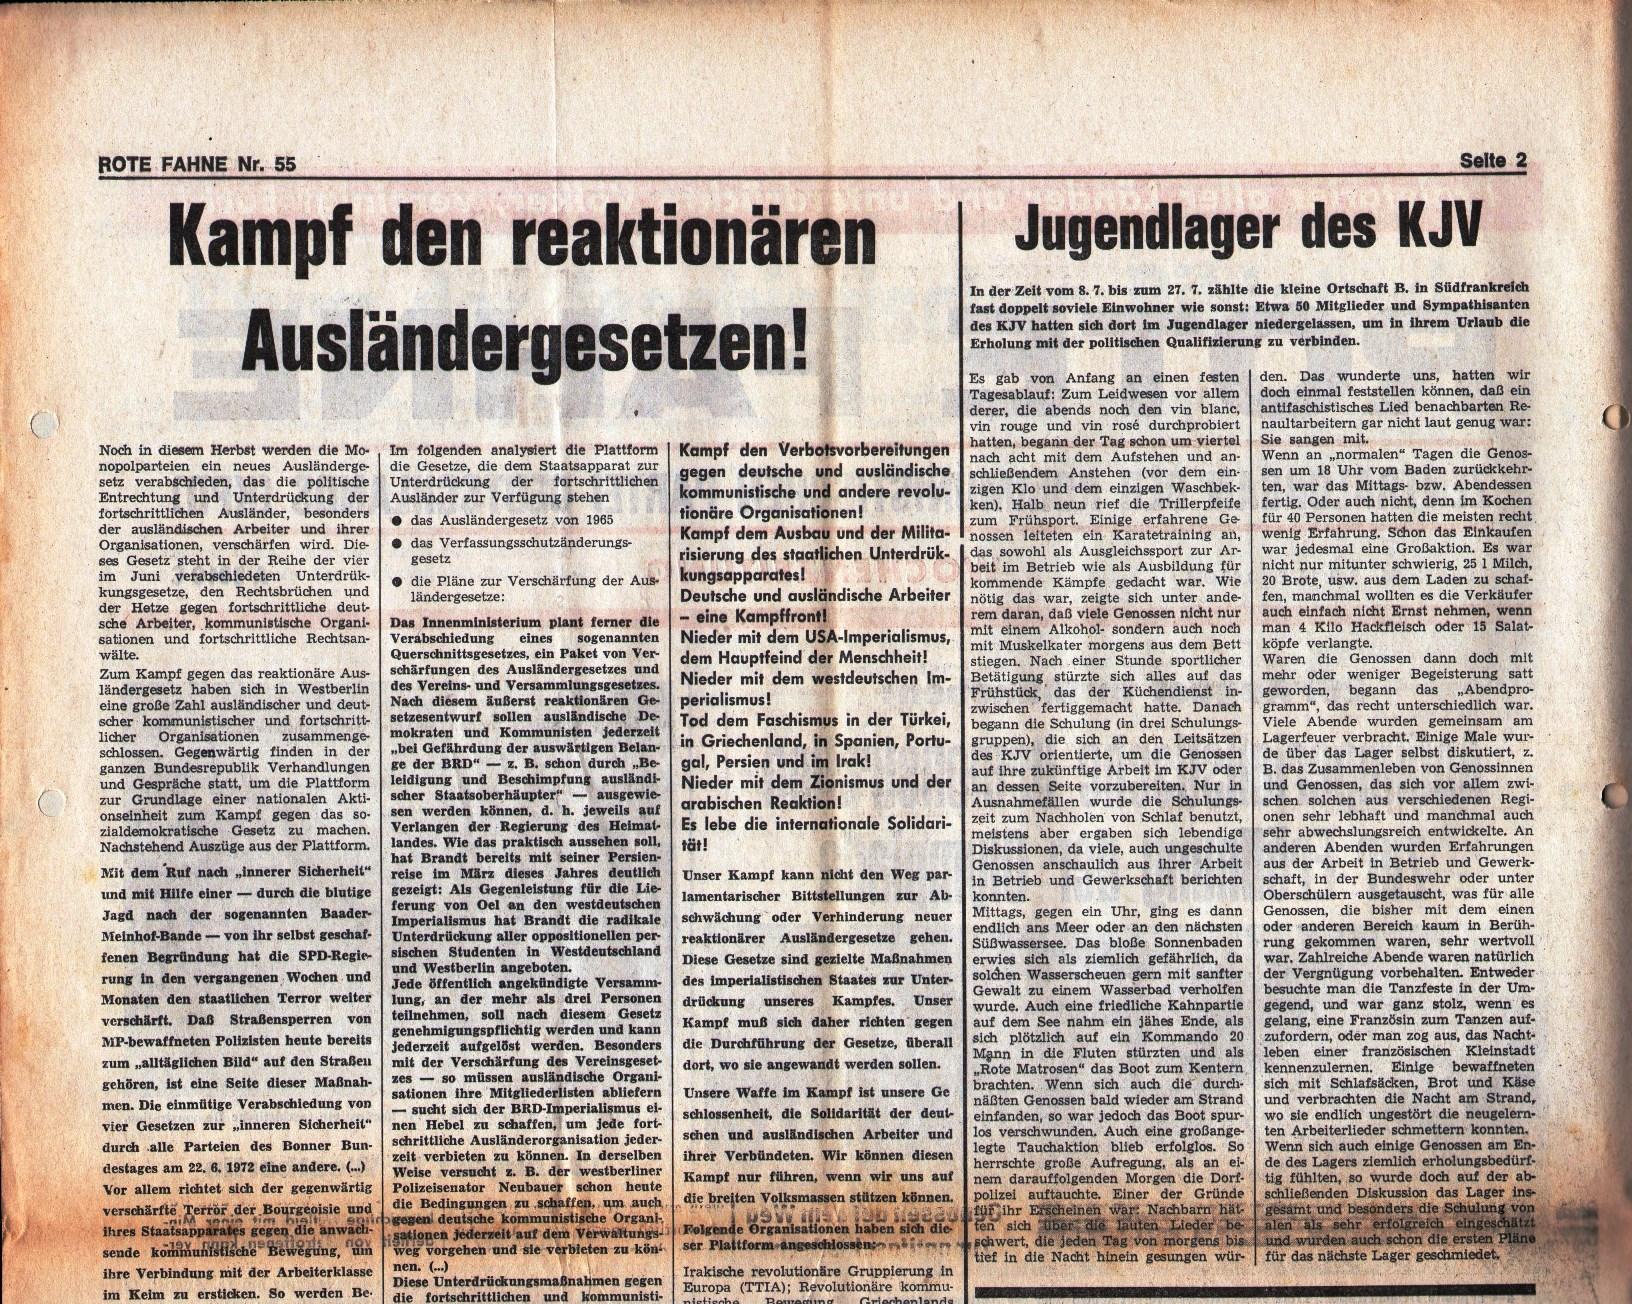 KPD_Rote_Fahne_1972_55_03